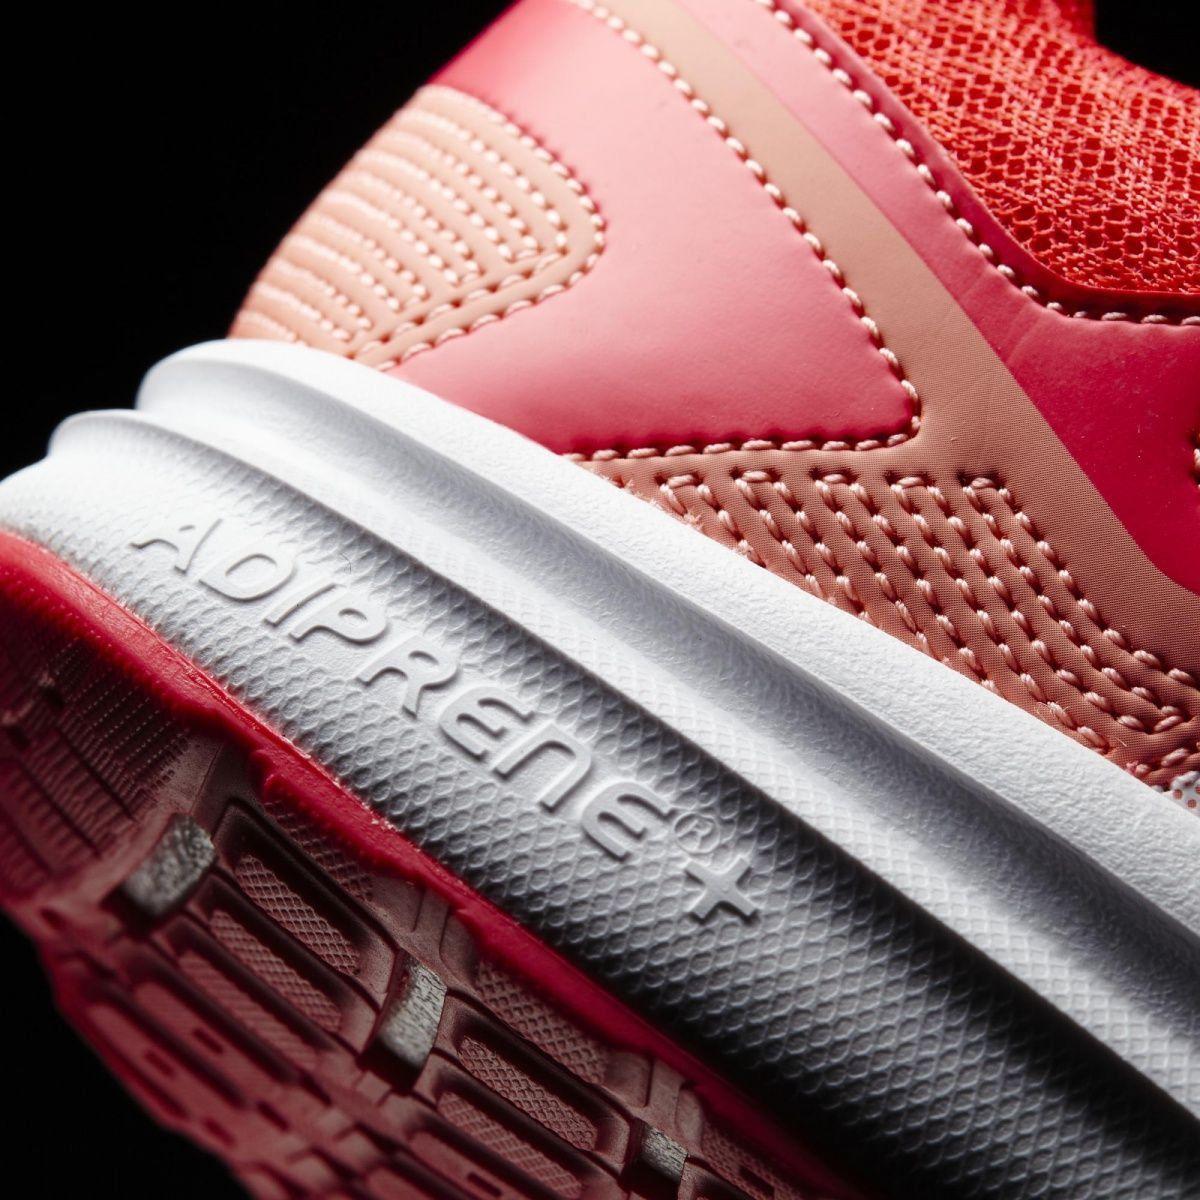 Buty Biegowe Adidas Galaxy 2 W Af5571 Pomaranczowe Adidas Running Shoes Running Shoes Adidas Shoes